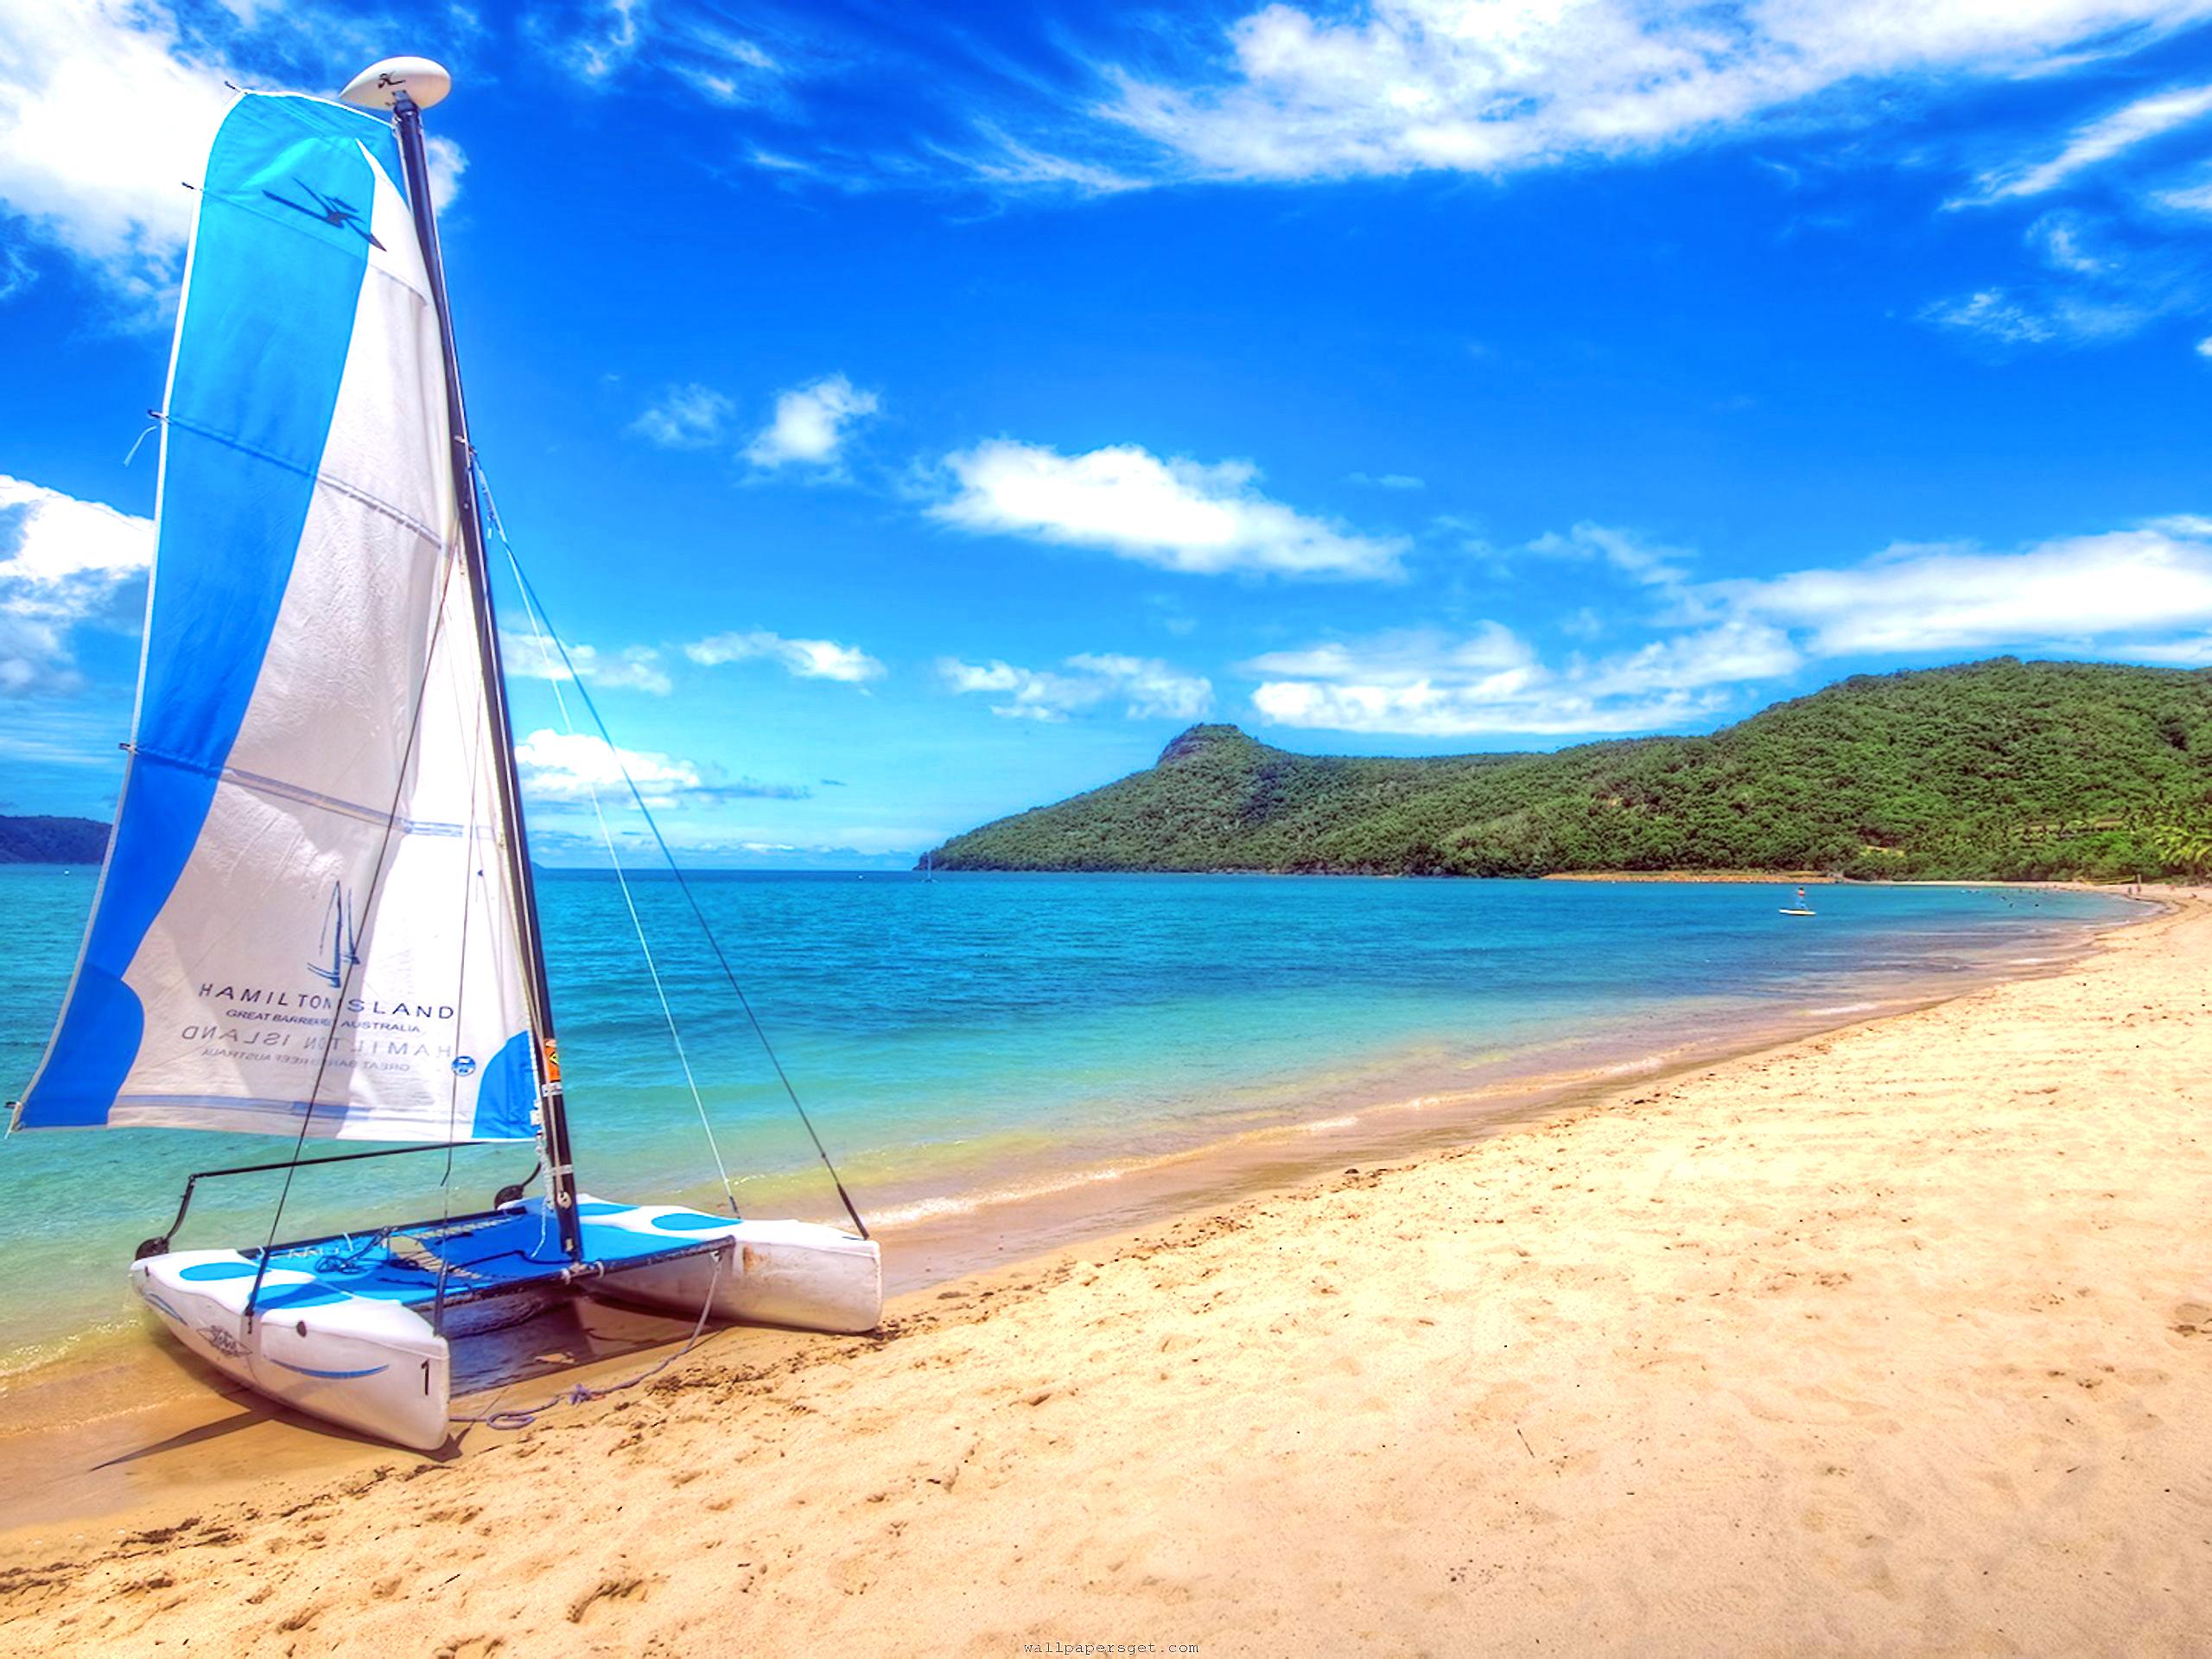 фото яхта море пляж стараются делиться